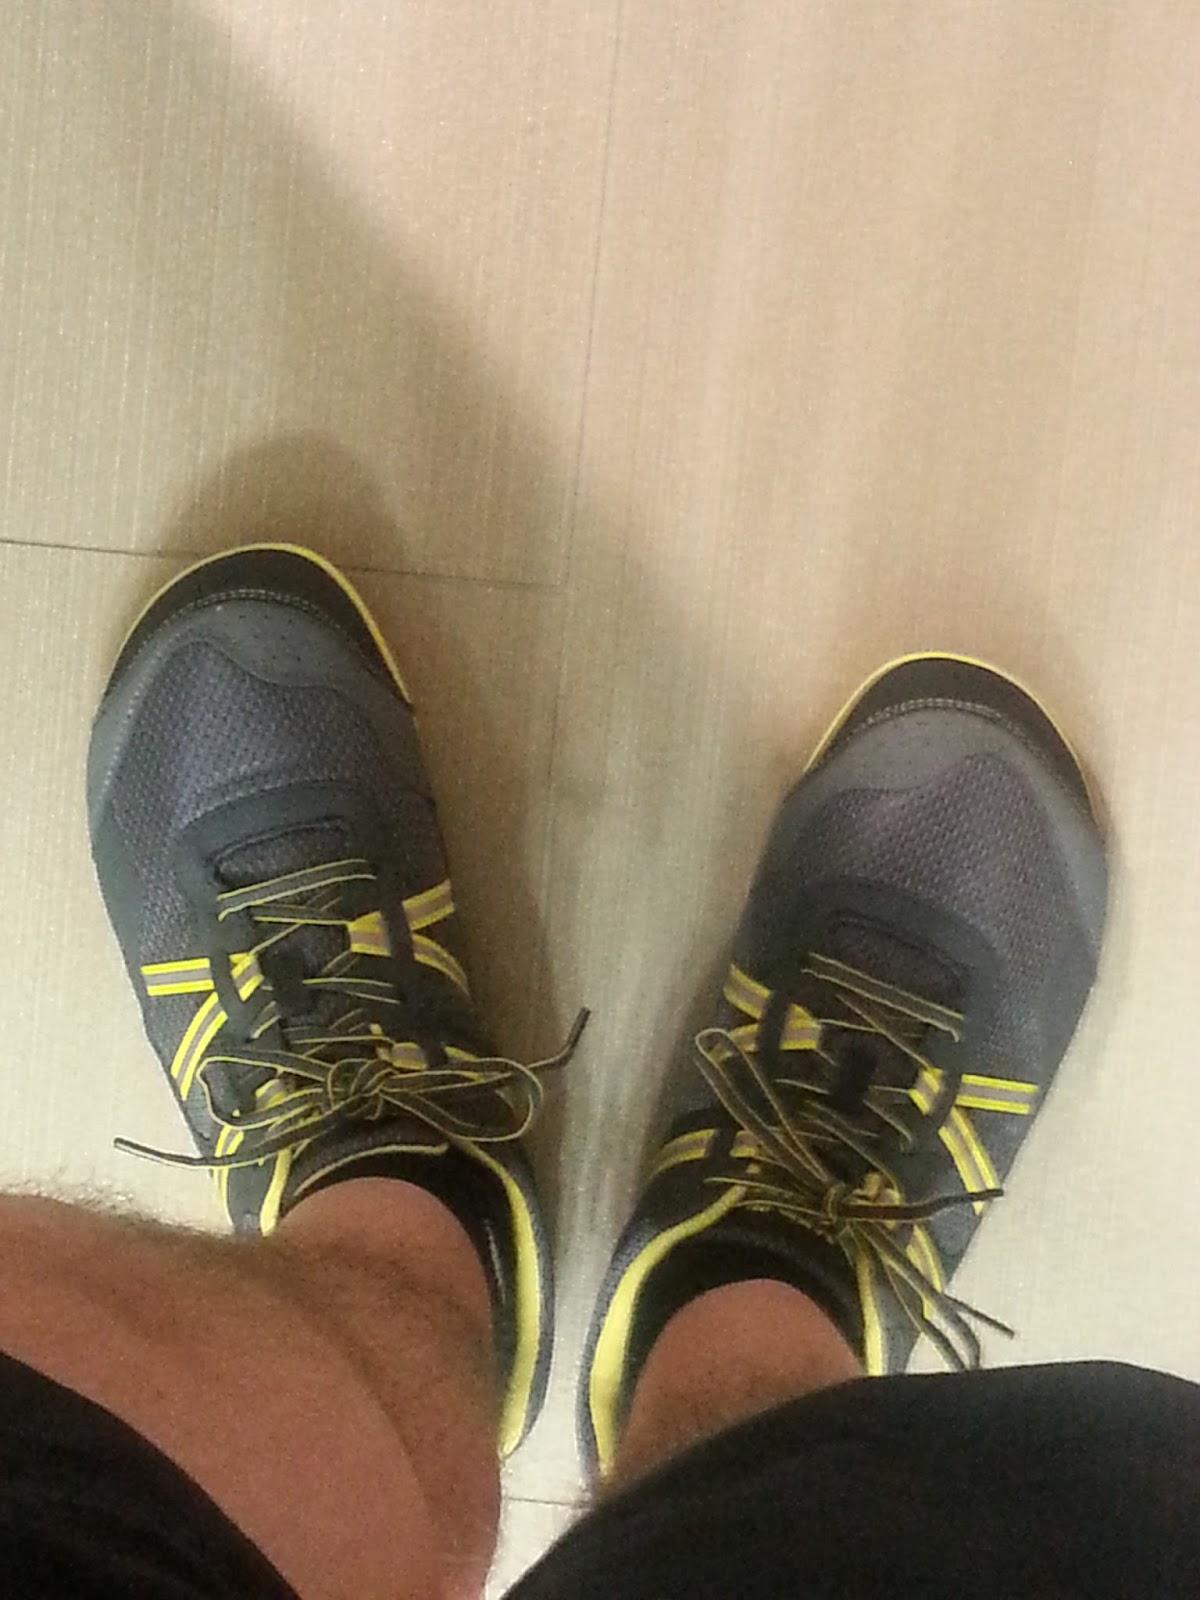 Xero Shoe Size Guide